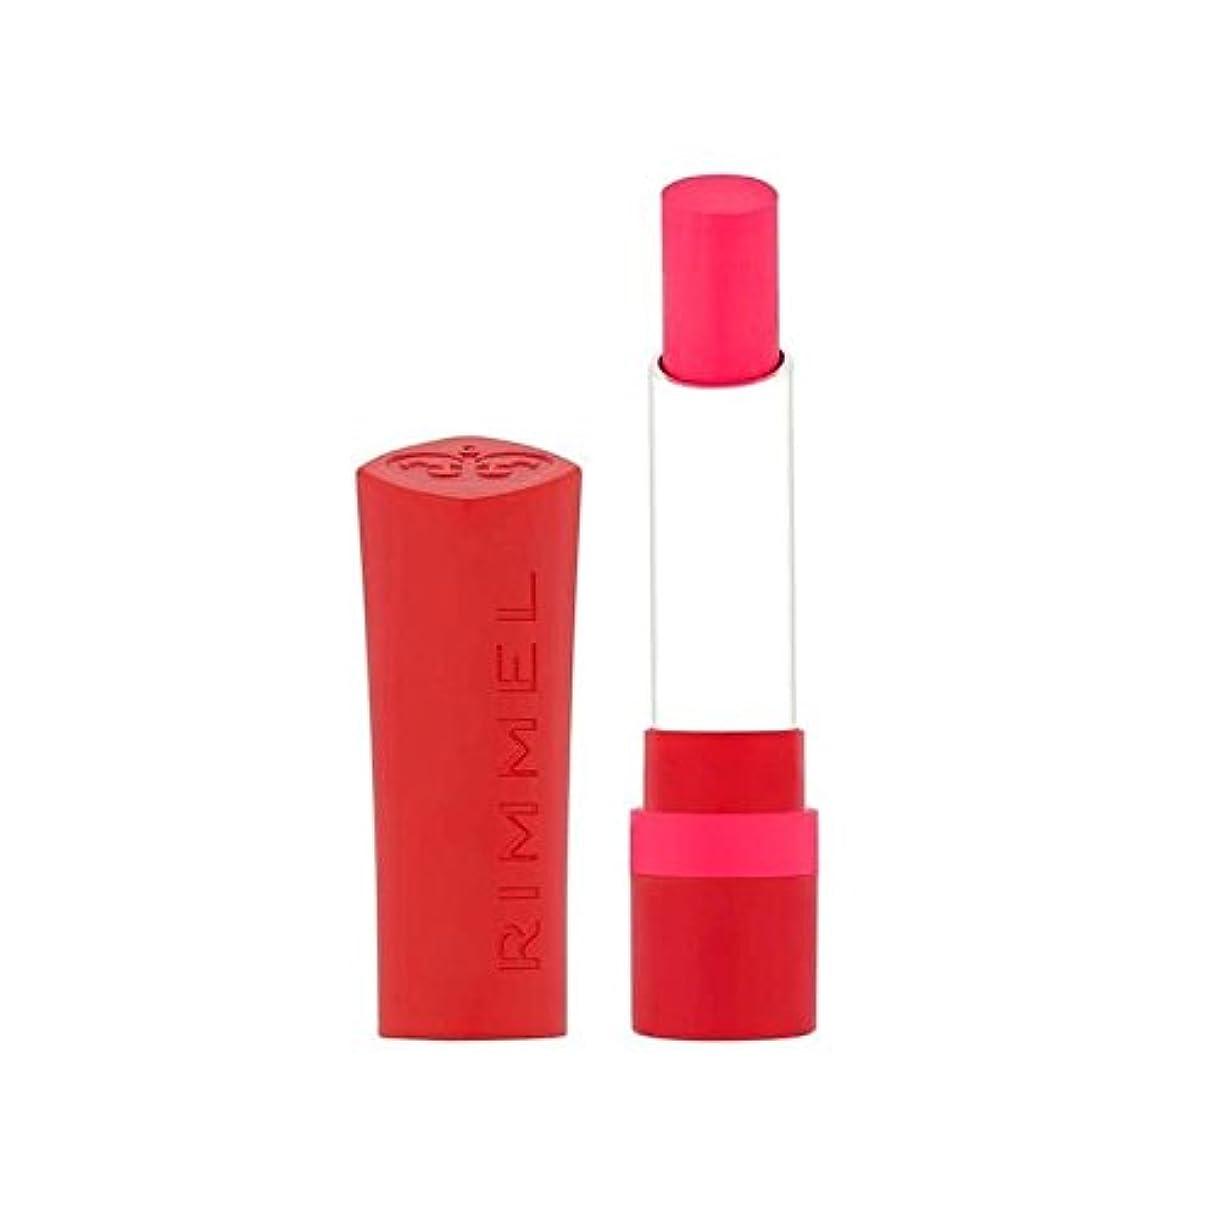 にんじんほのめかす秘書リンメルのみ1枚のマット口紅は、ショットを呼び出します x2 - Rimmel The Only 1 Matte Lipstick Call the Shots (Pack of 2) [並行輸入品]